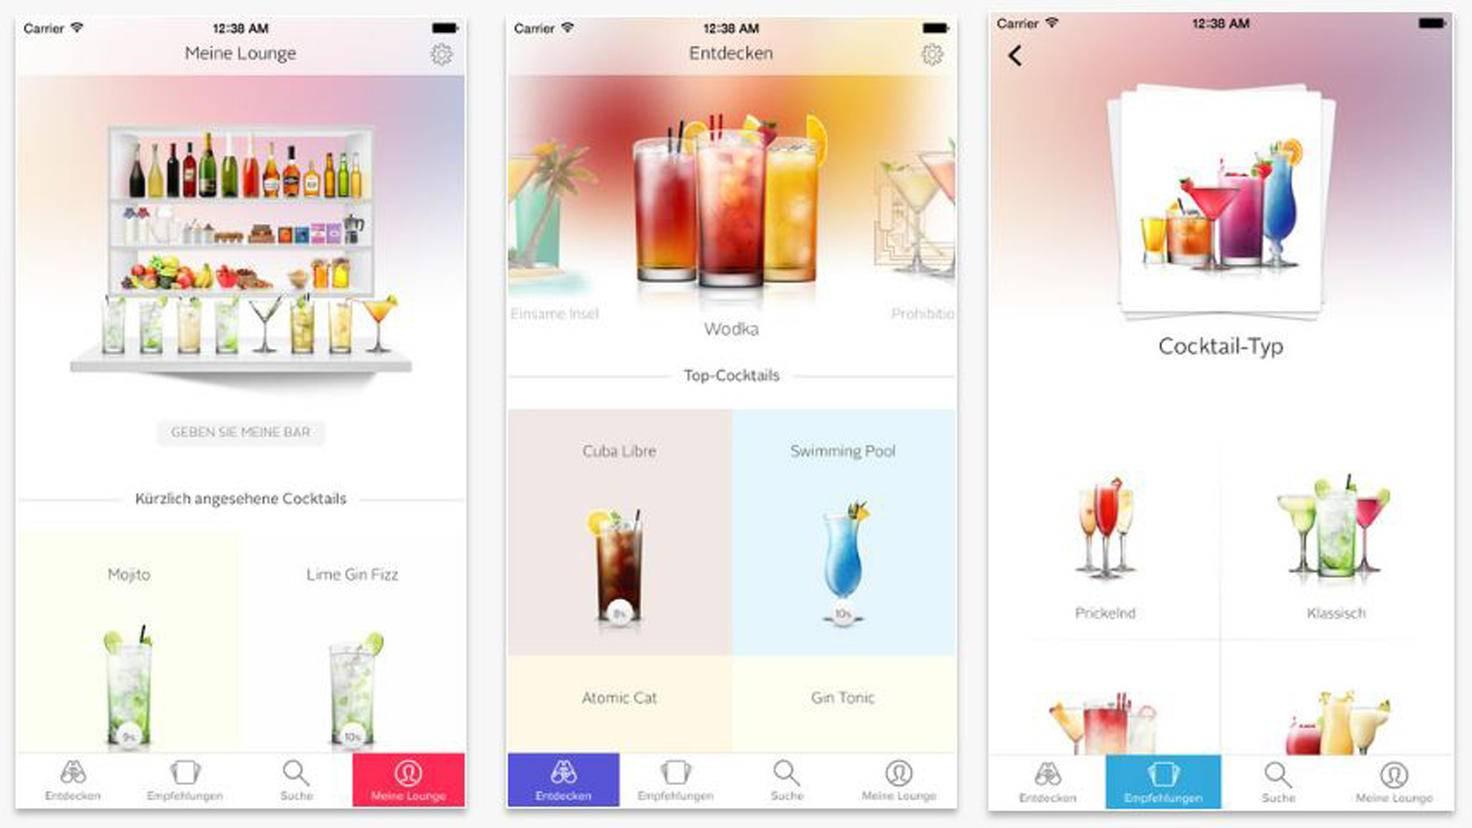 Cocktail Flow-iTunes-Distinction Informatikai Szolgaltato Kft